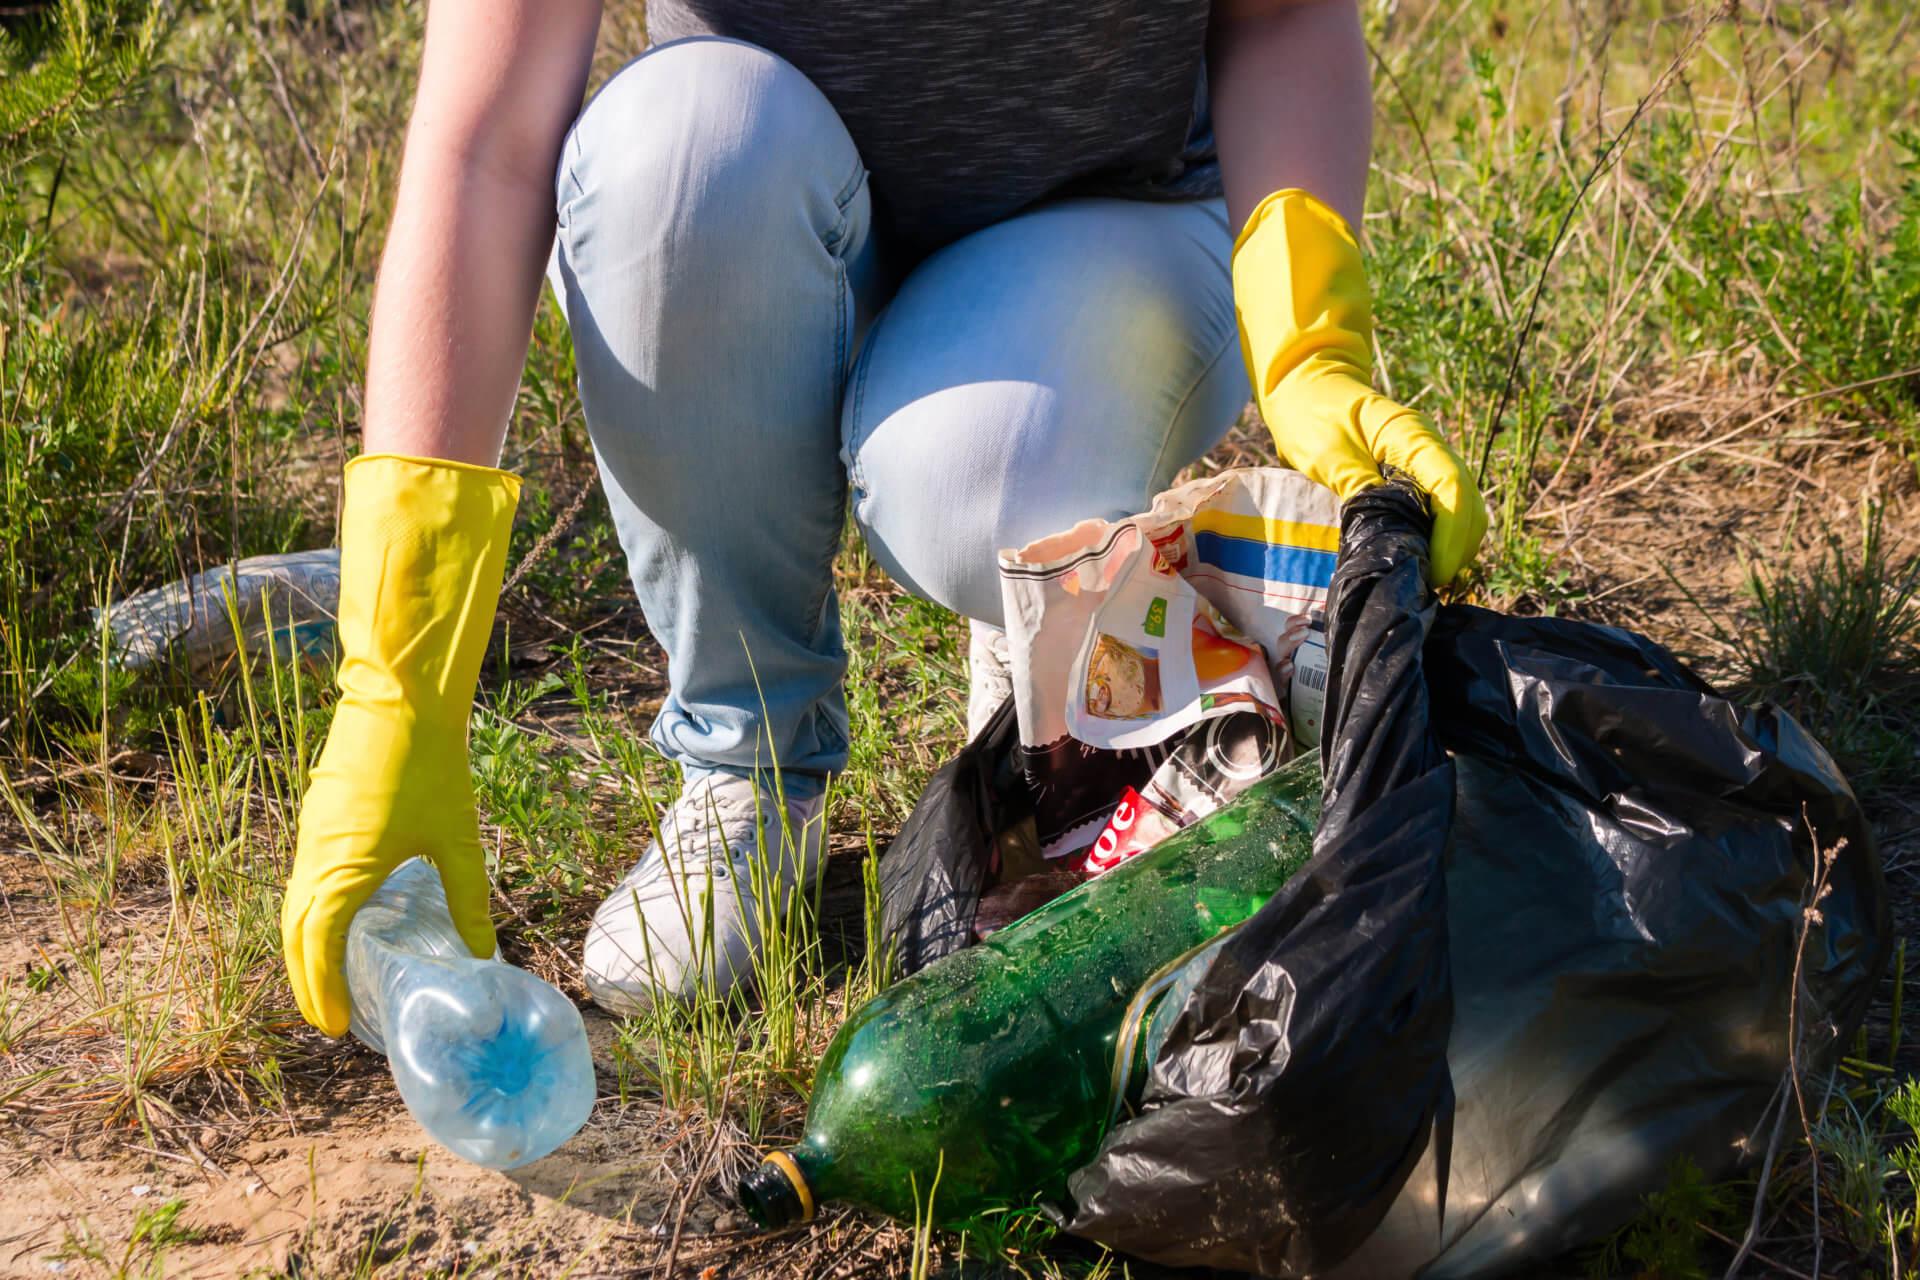 Corvée de nettoyage à l'occasion du Jour de la Terre